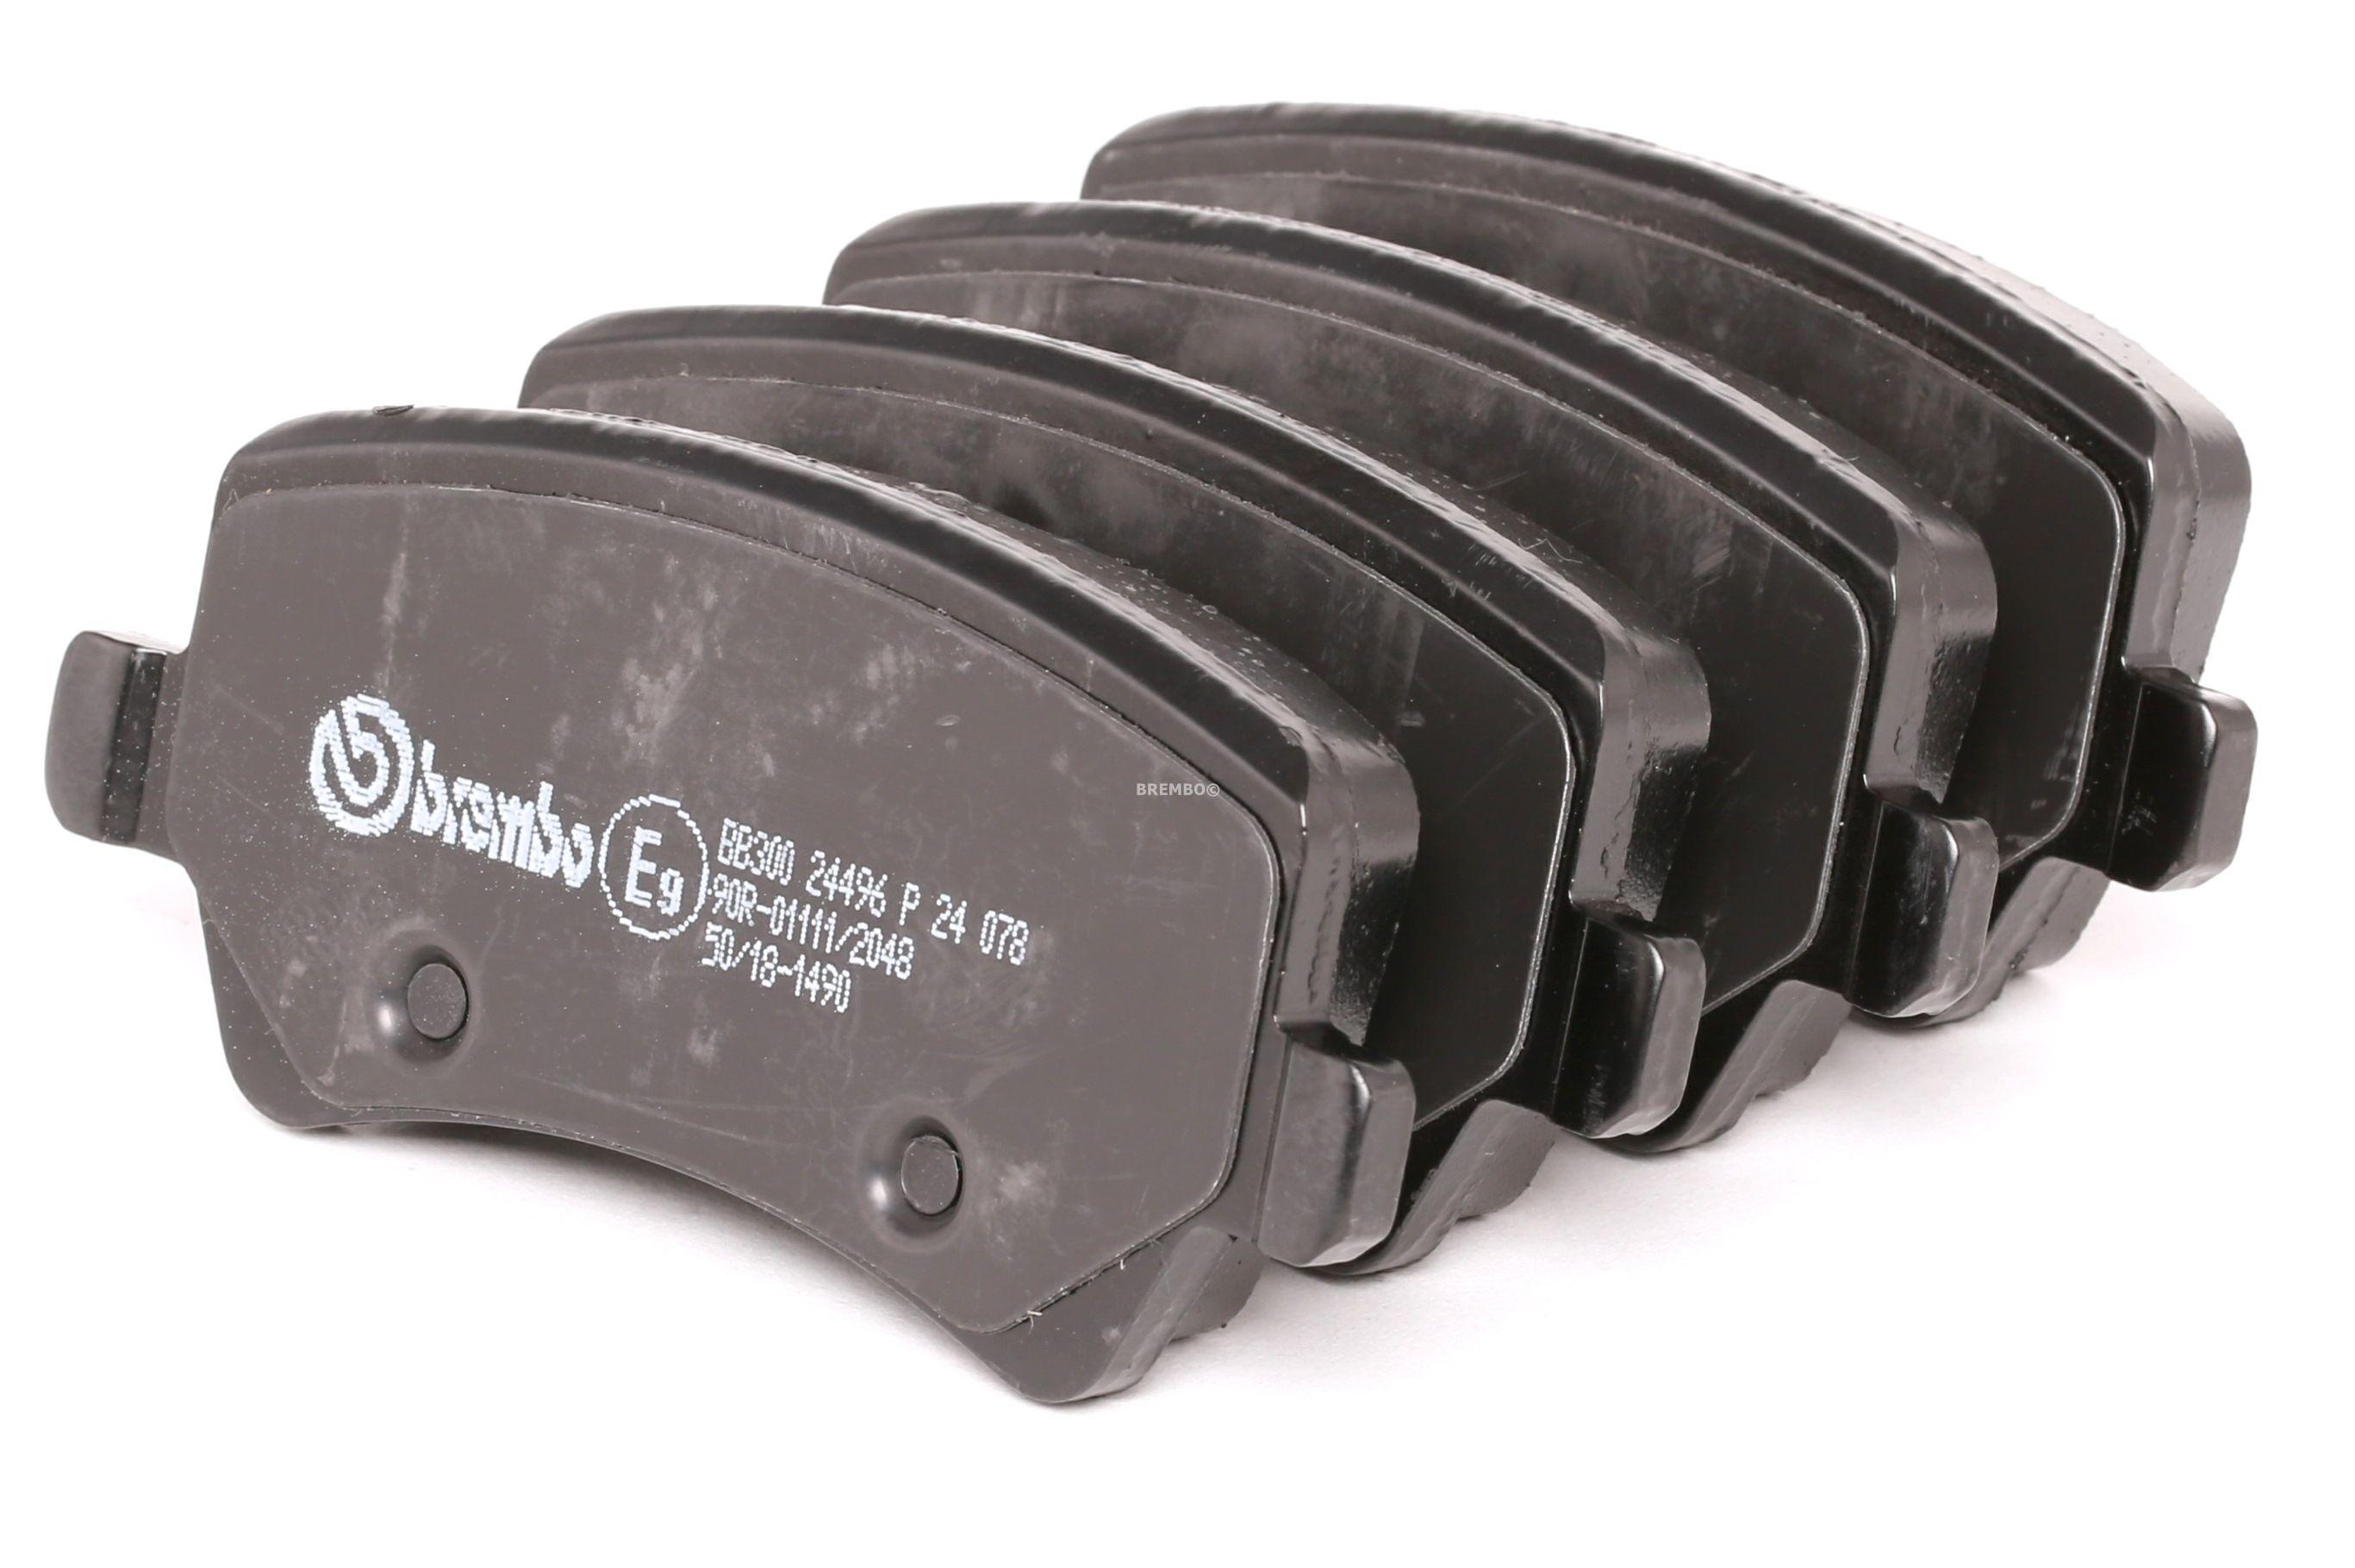 Disk brake pads BREMBO 24496 rating